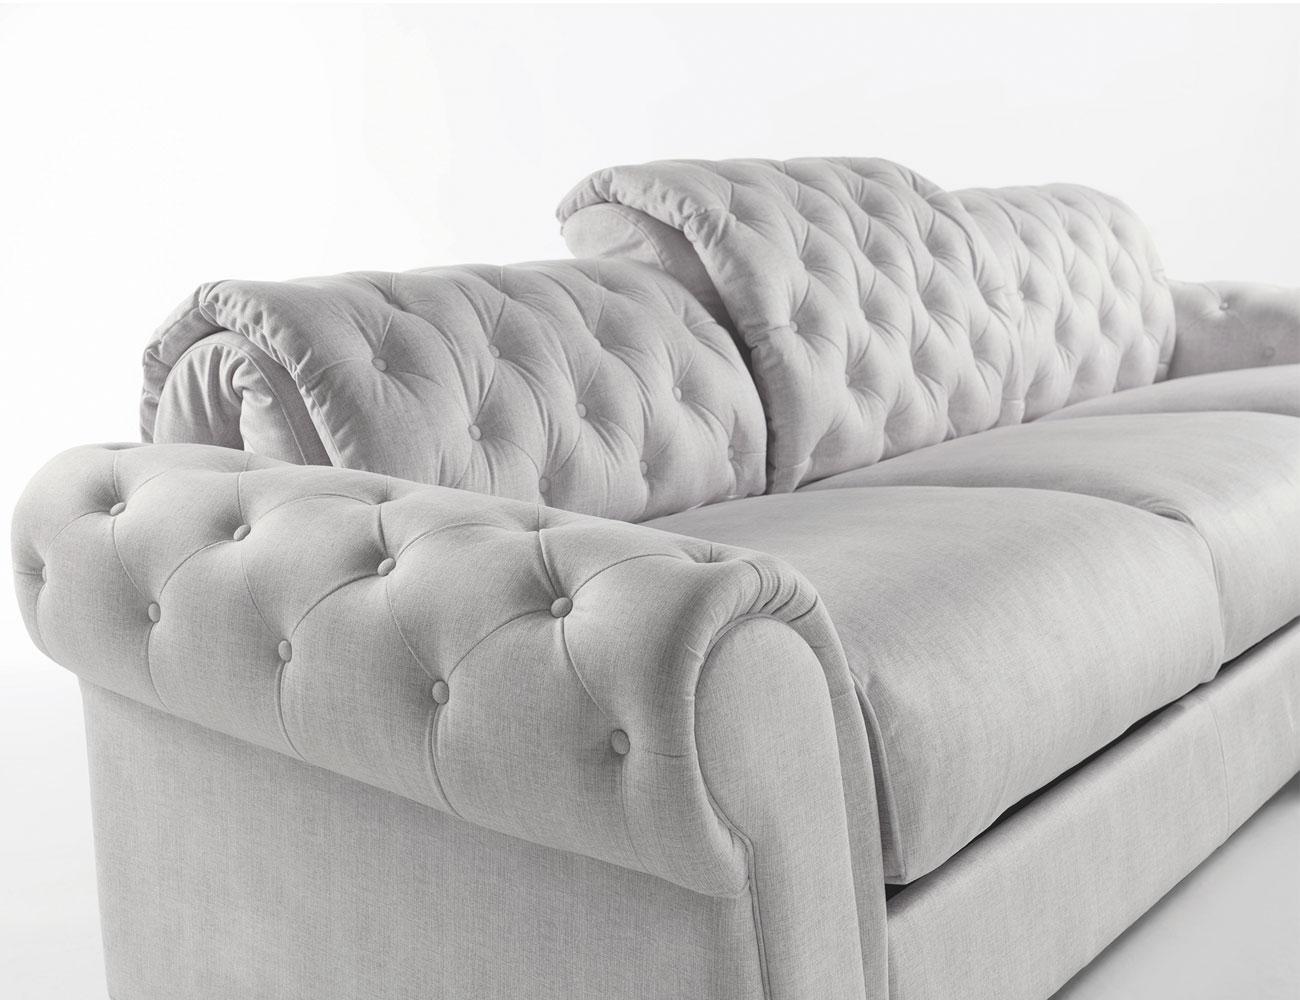 Sofa chaiselongue gran lujo decorativo capitone blanco tela 121